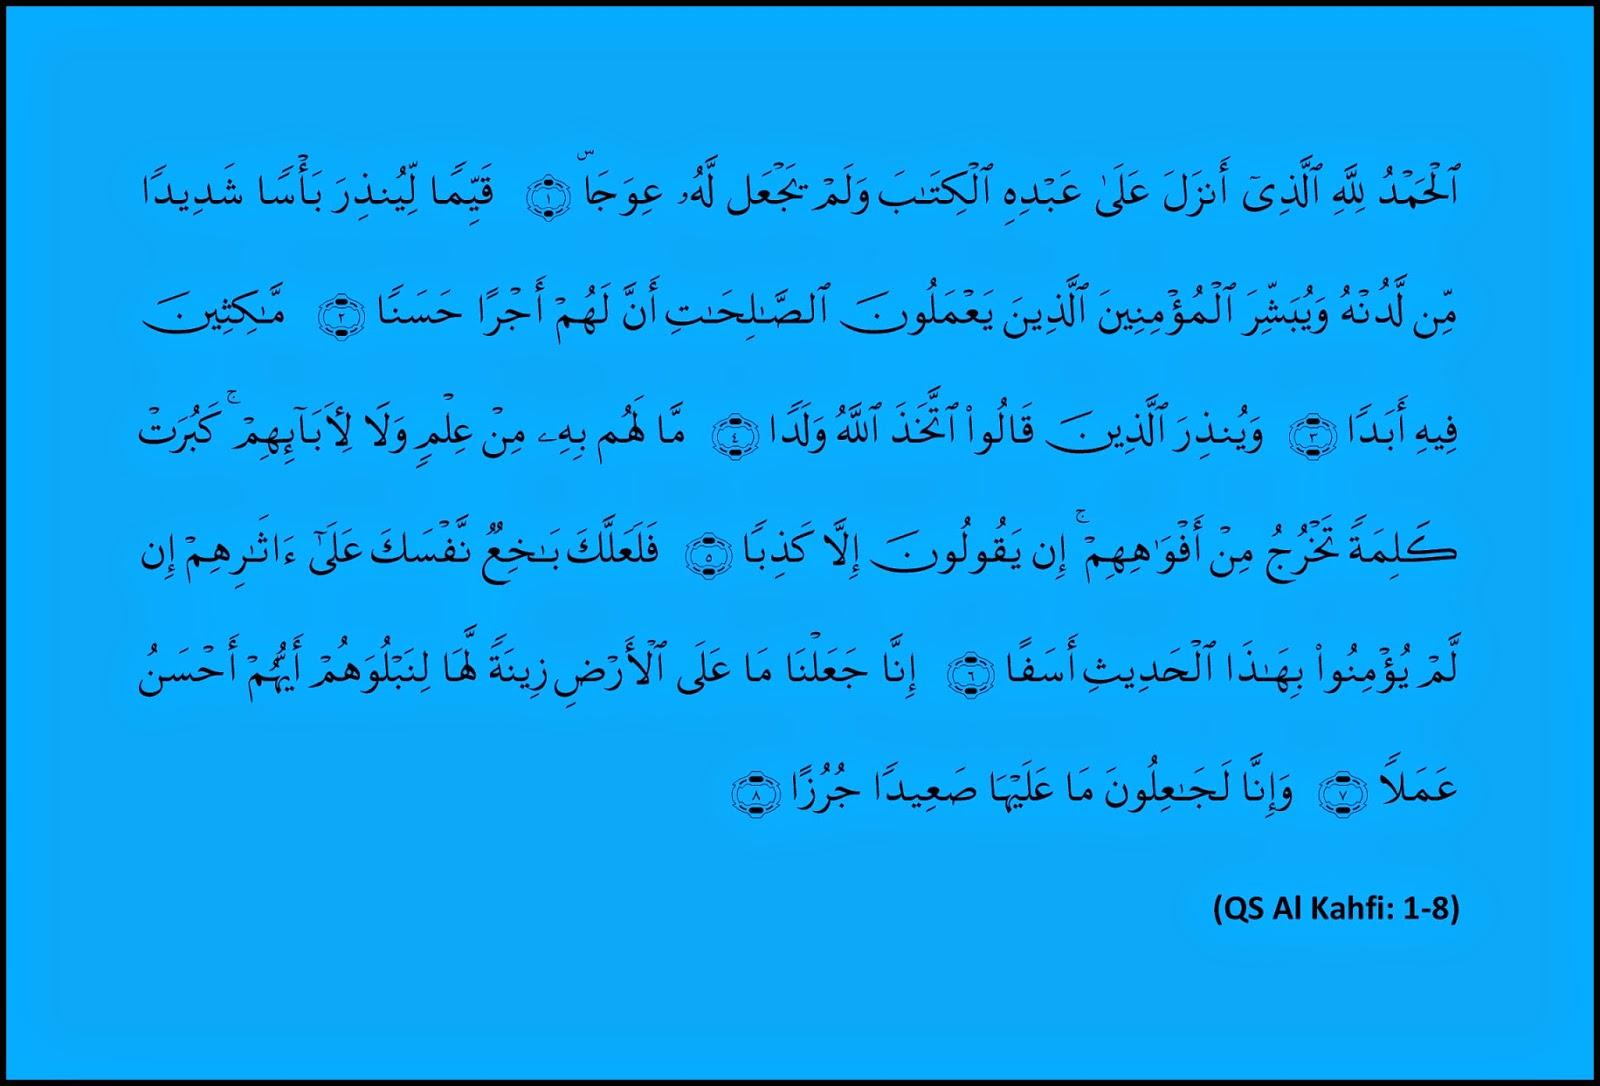 Al Kahfi 1-8, al kahfi ayat satu sampai delapan, Allah, cacatan yang menunggu untuk ditemukan